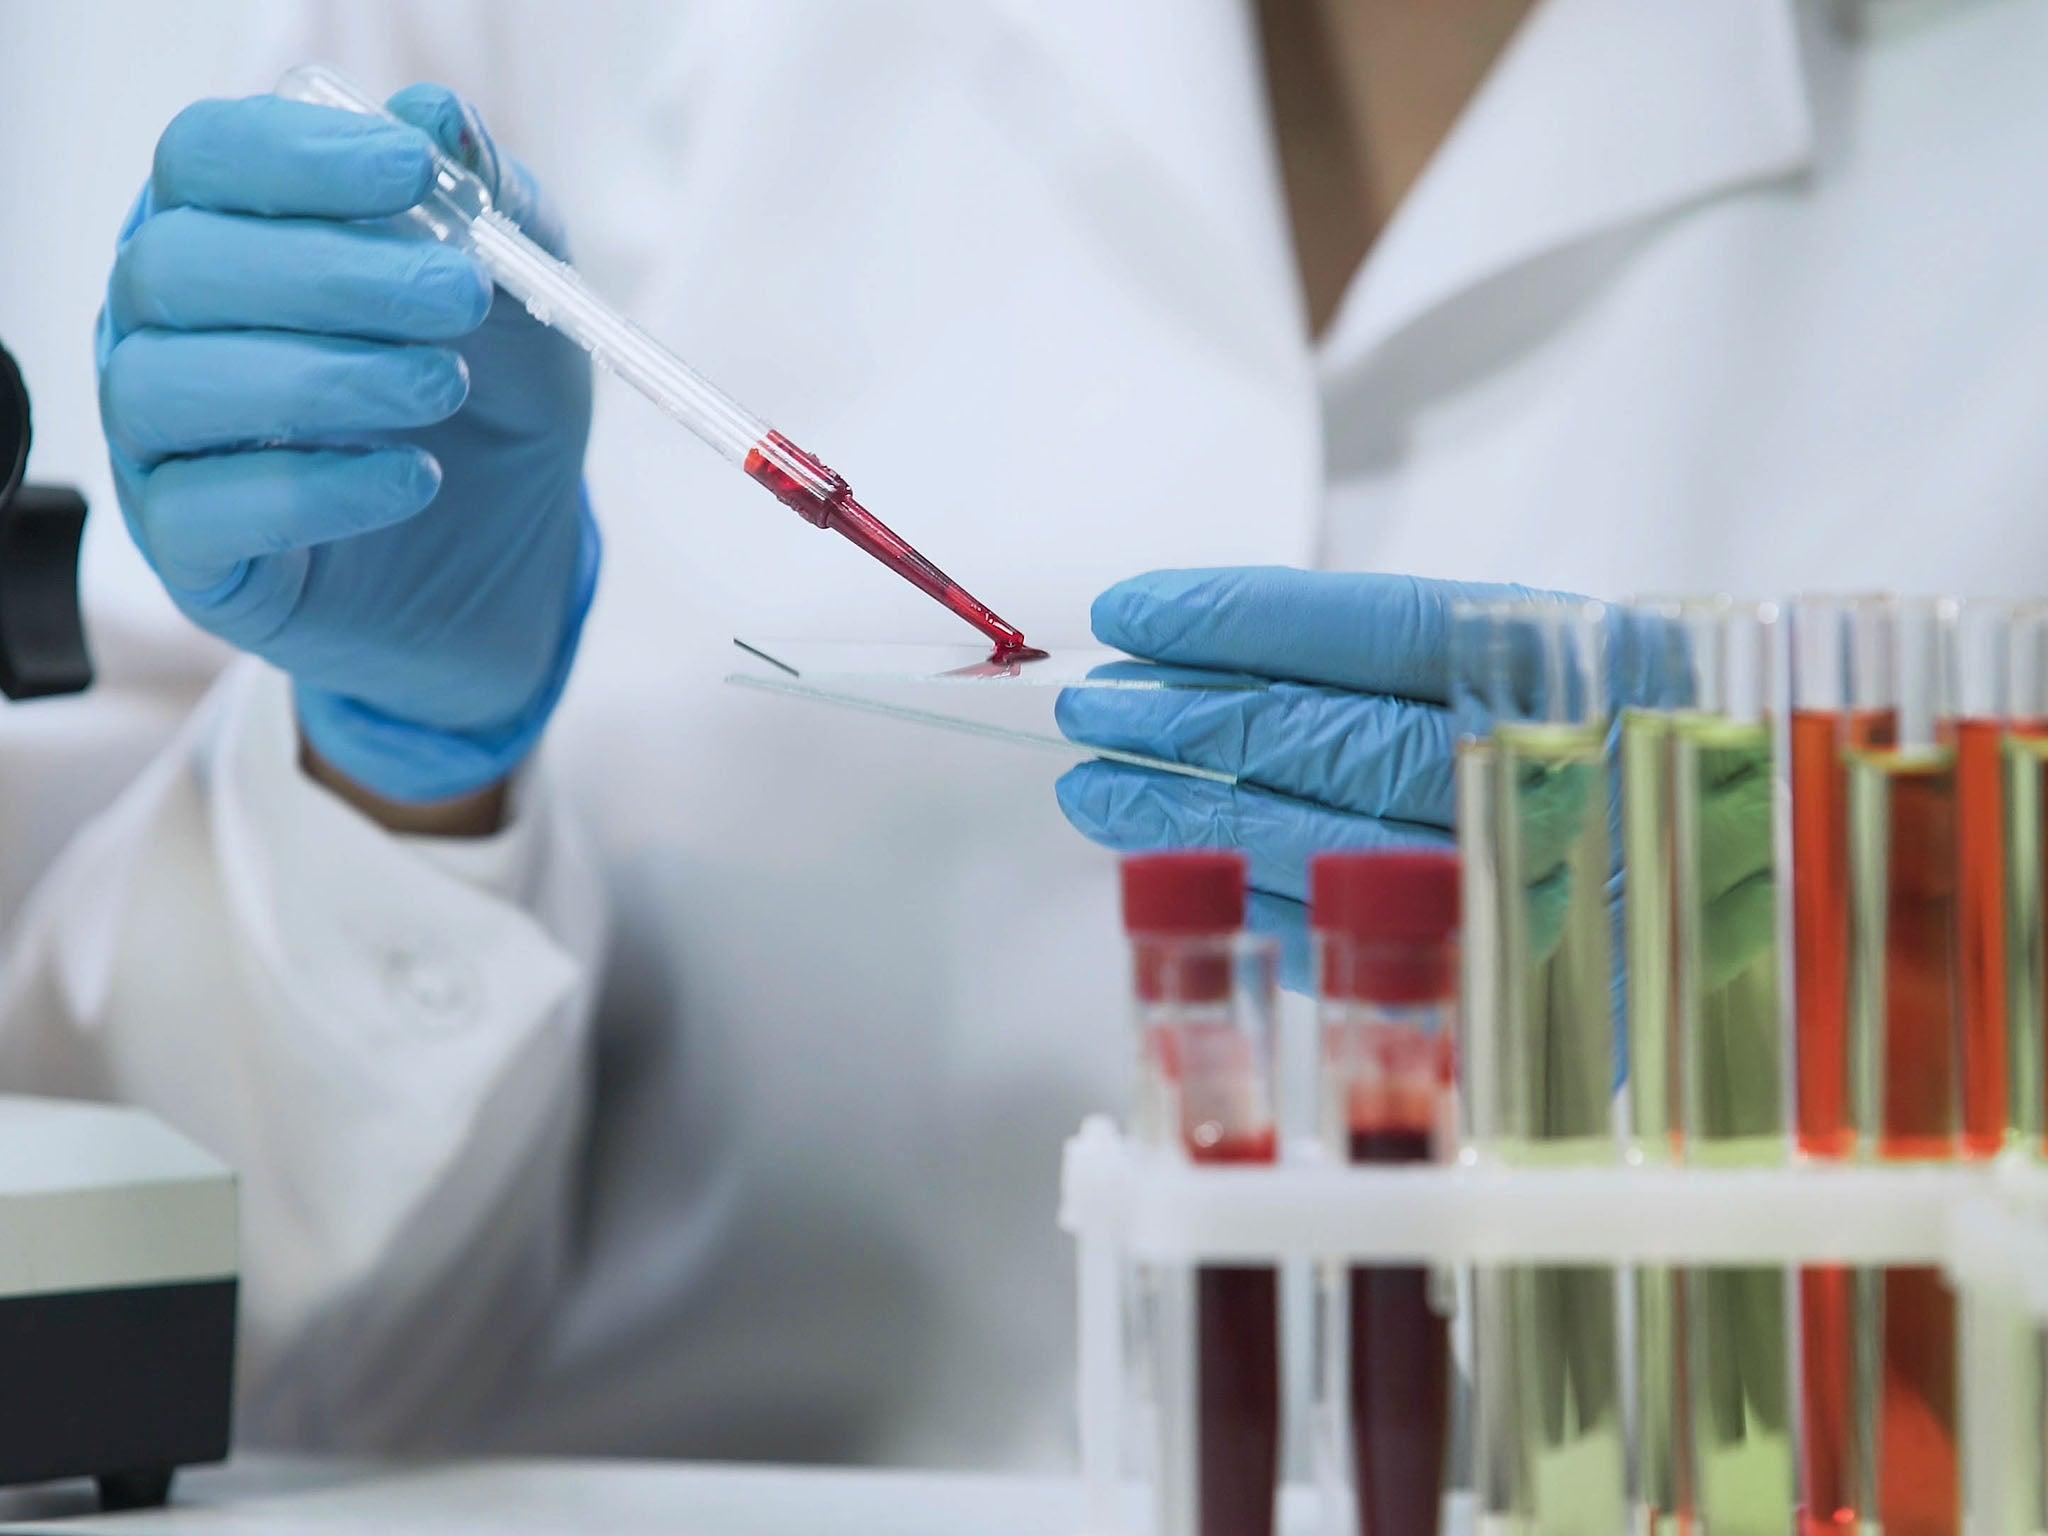 Το εργαστήριο των ΗΠΑ αναγνωρίζει σπάνια νέο στέλεχος του ιού HIV